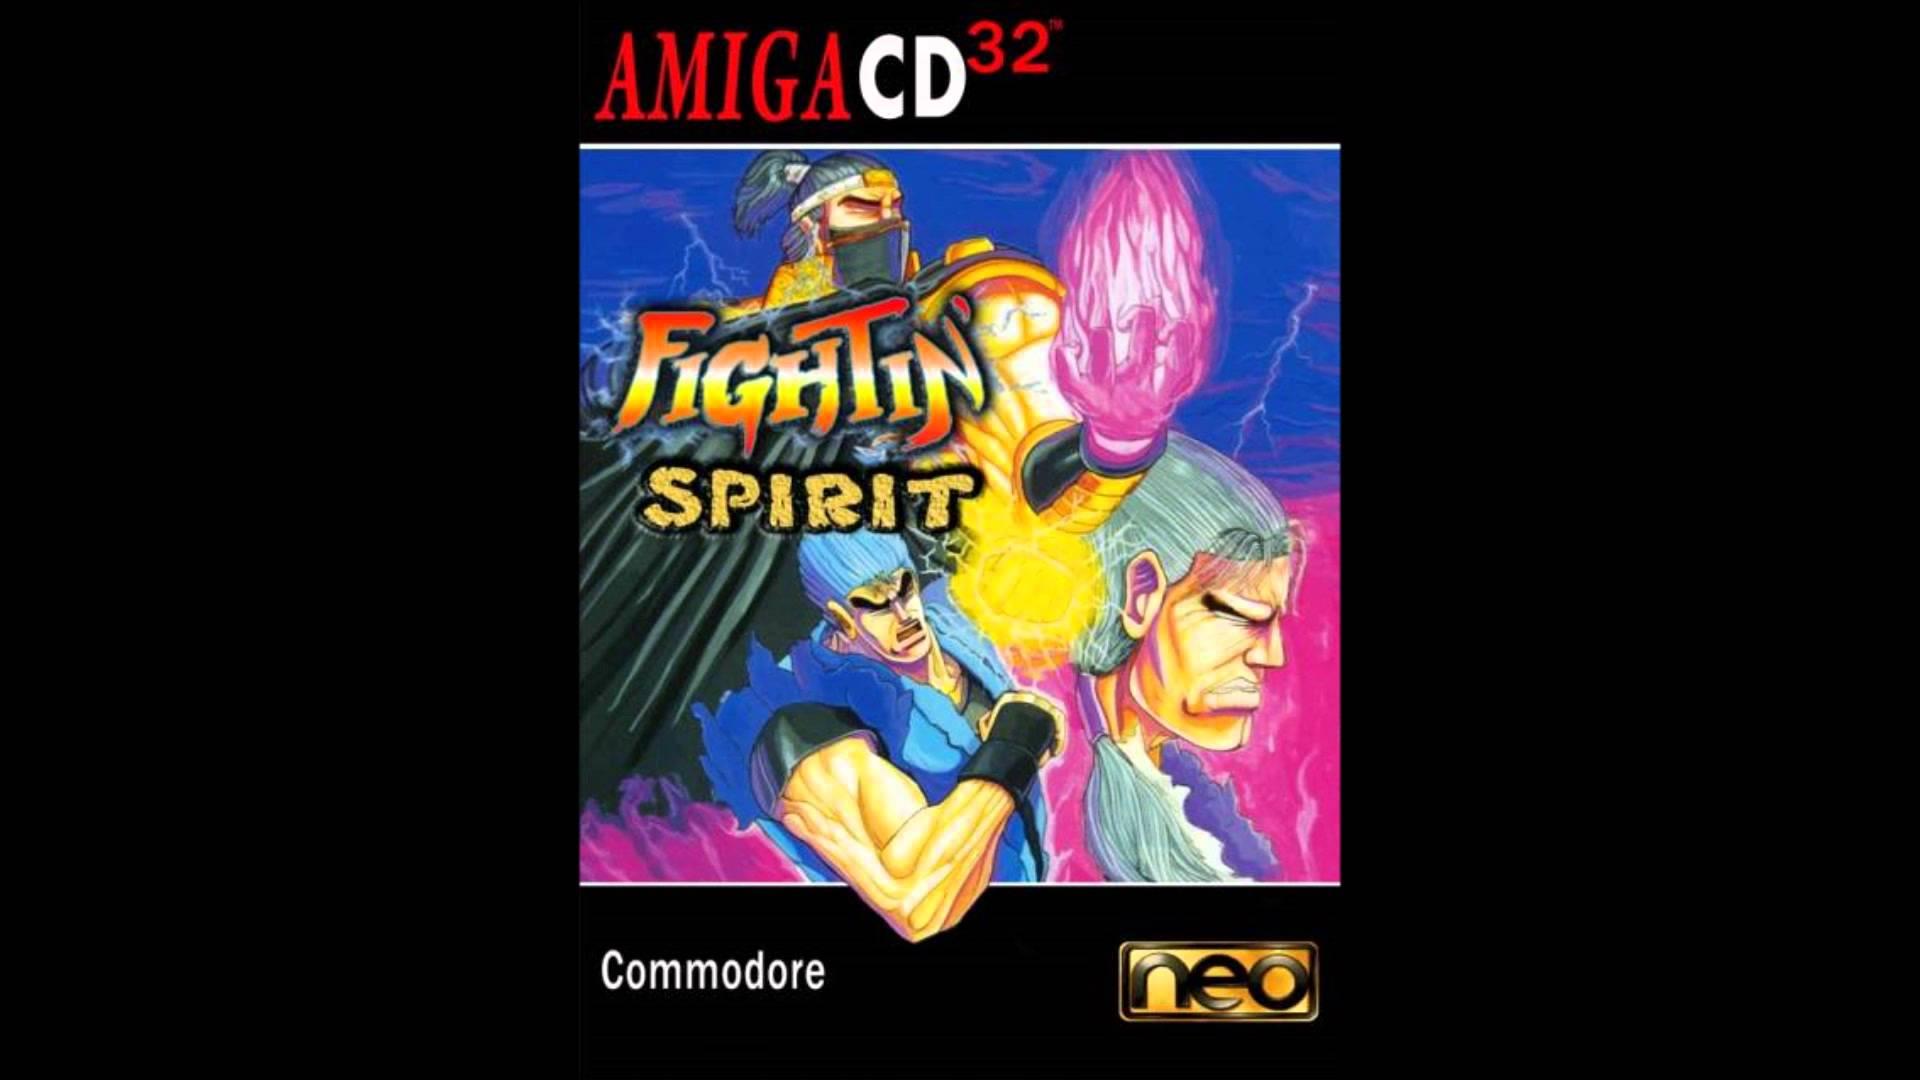 E qui la cover della versione Amiga CD32